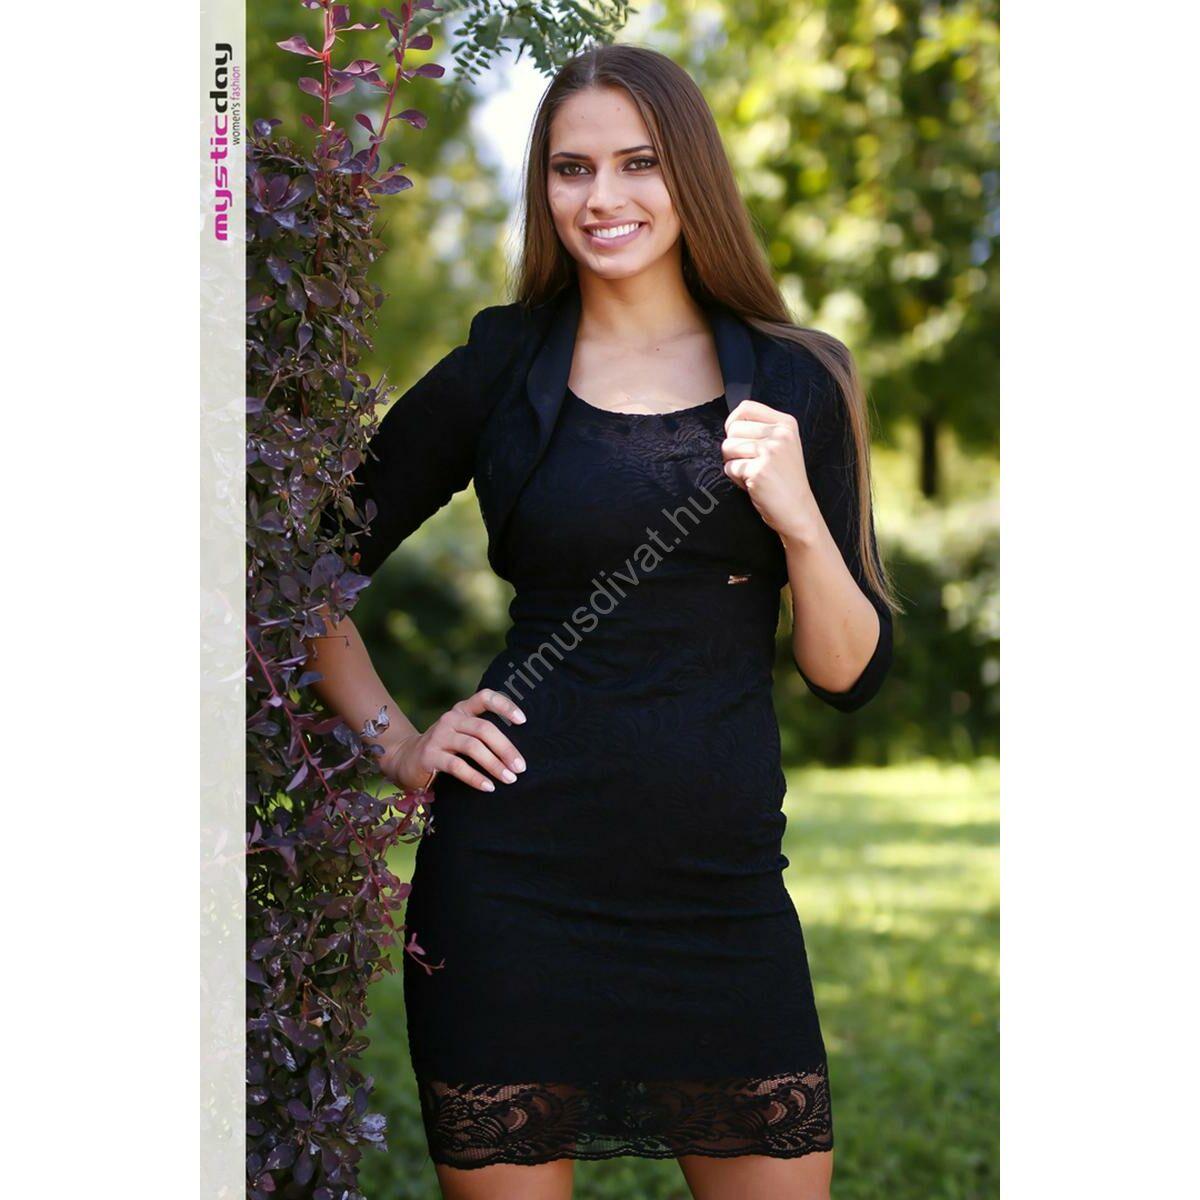 db54754c0b Kép 1/2 - Mystic Day alábélelt, rugalmas fekete csipke alkalmi komplé,  ujjatlan ruha boleróval